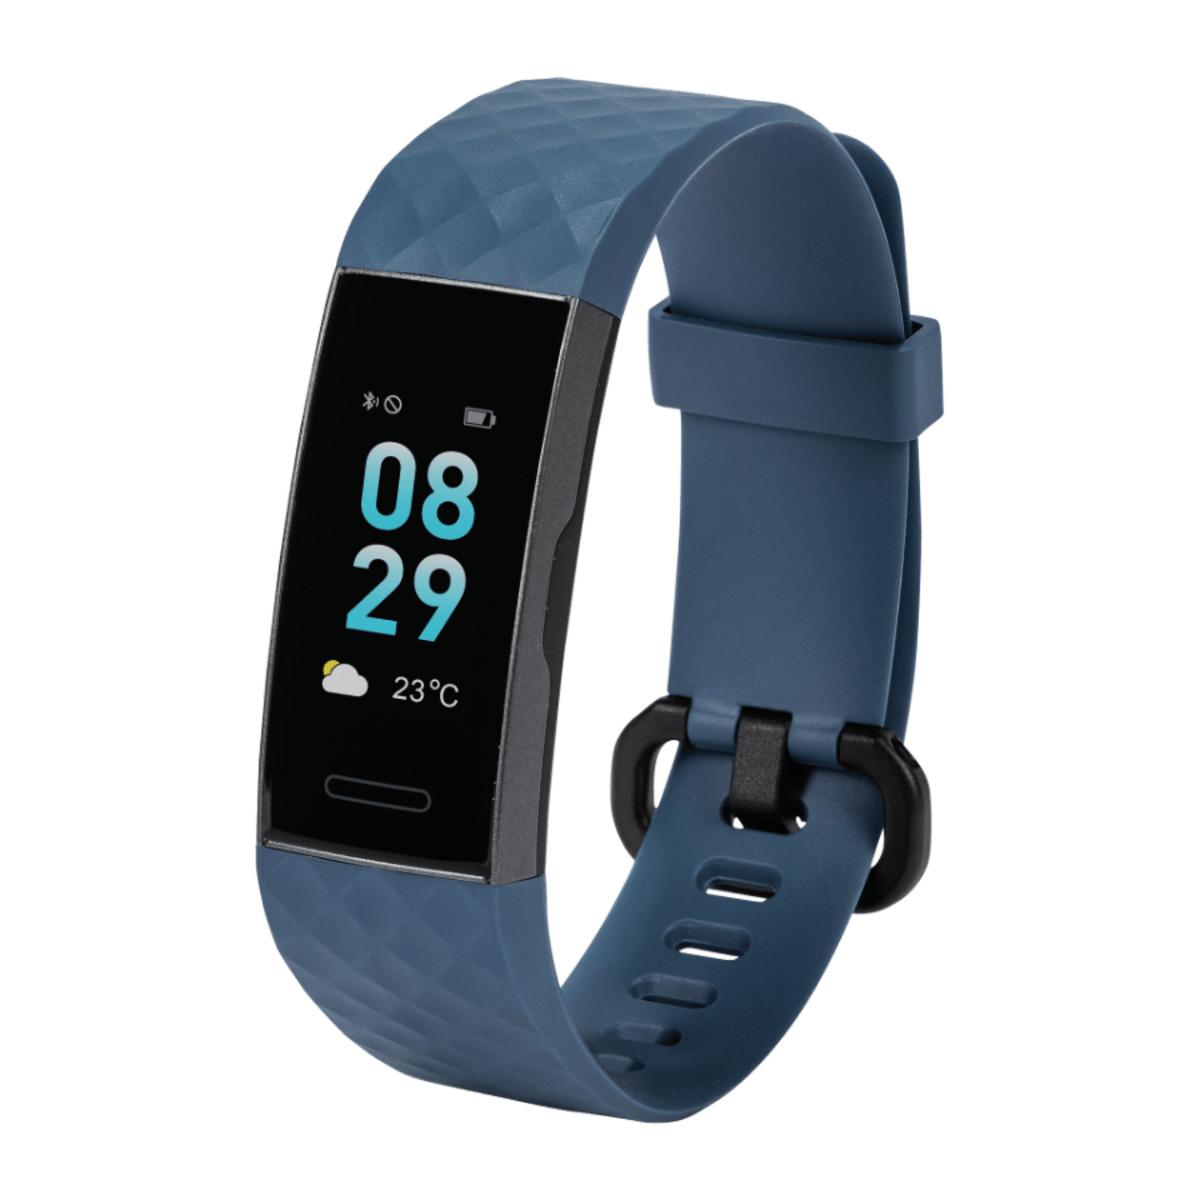 Bild 5 von Fitnessarmband mit Herzfrequenzmesser